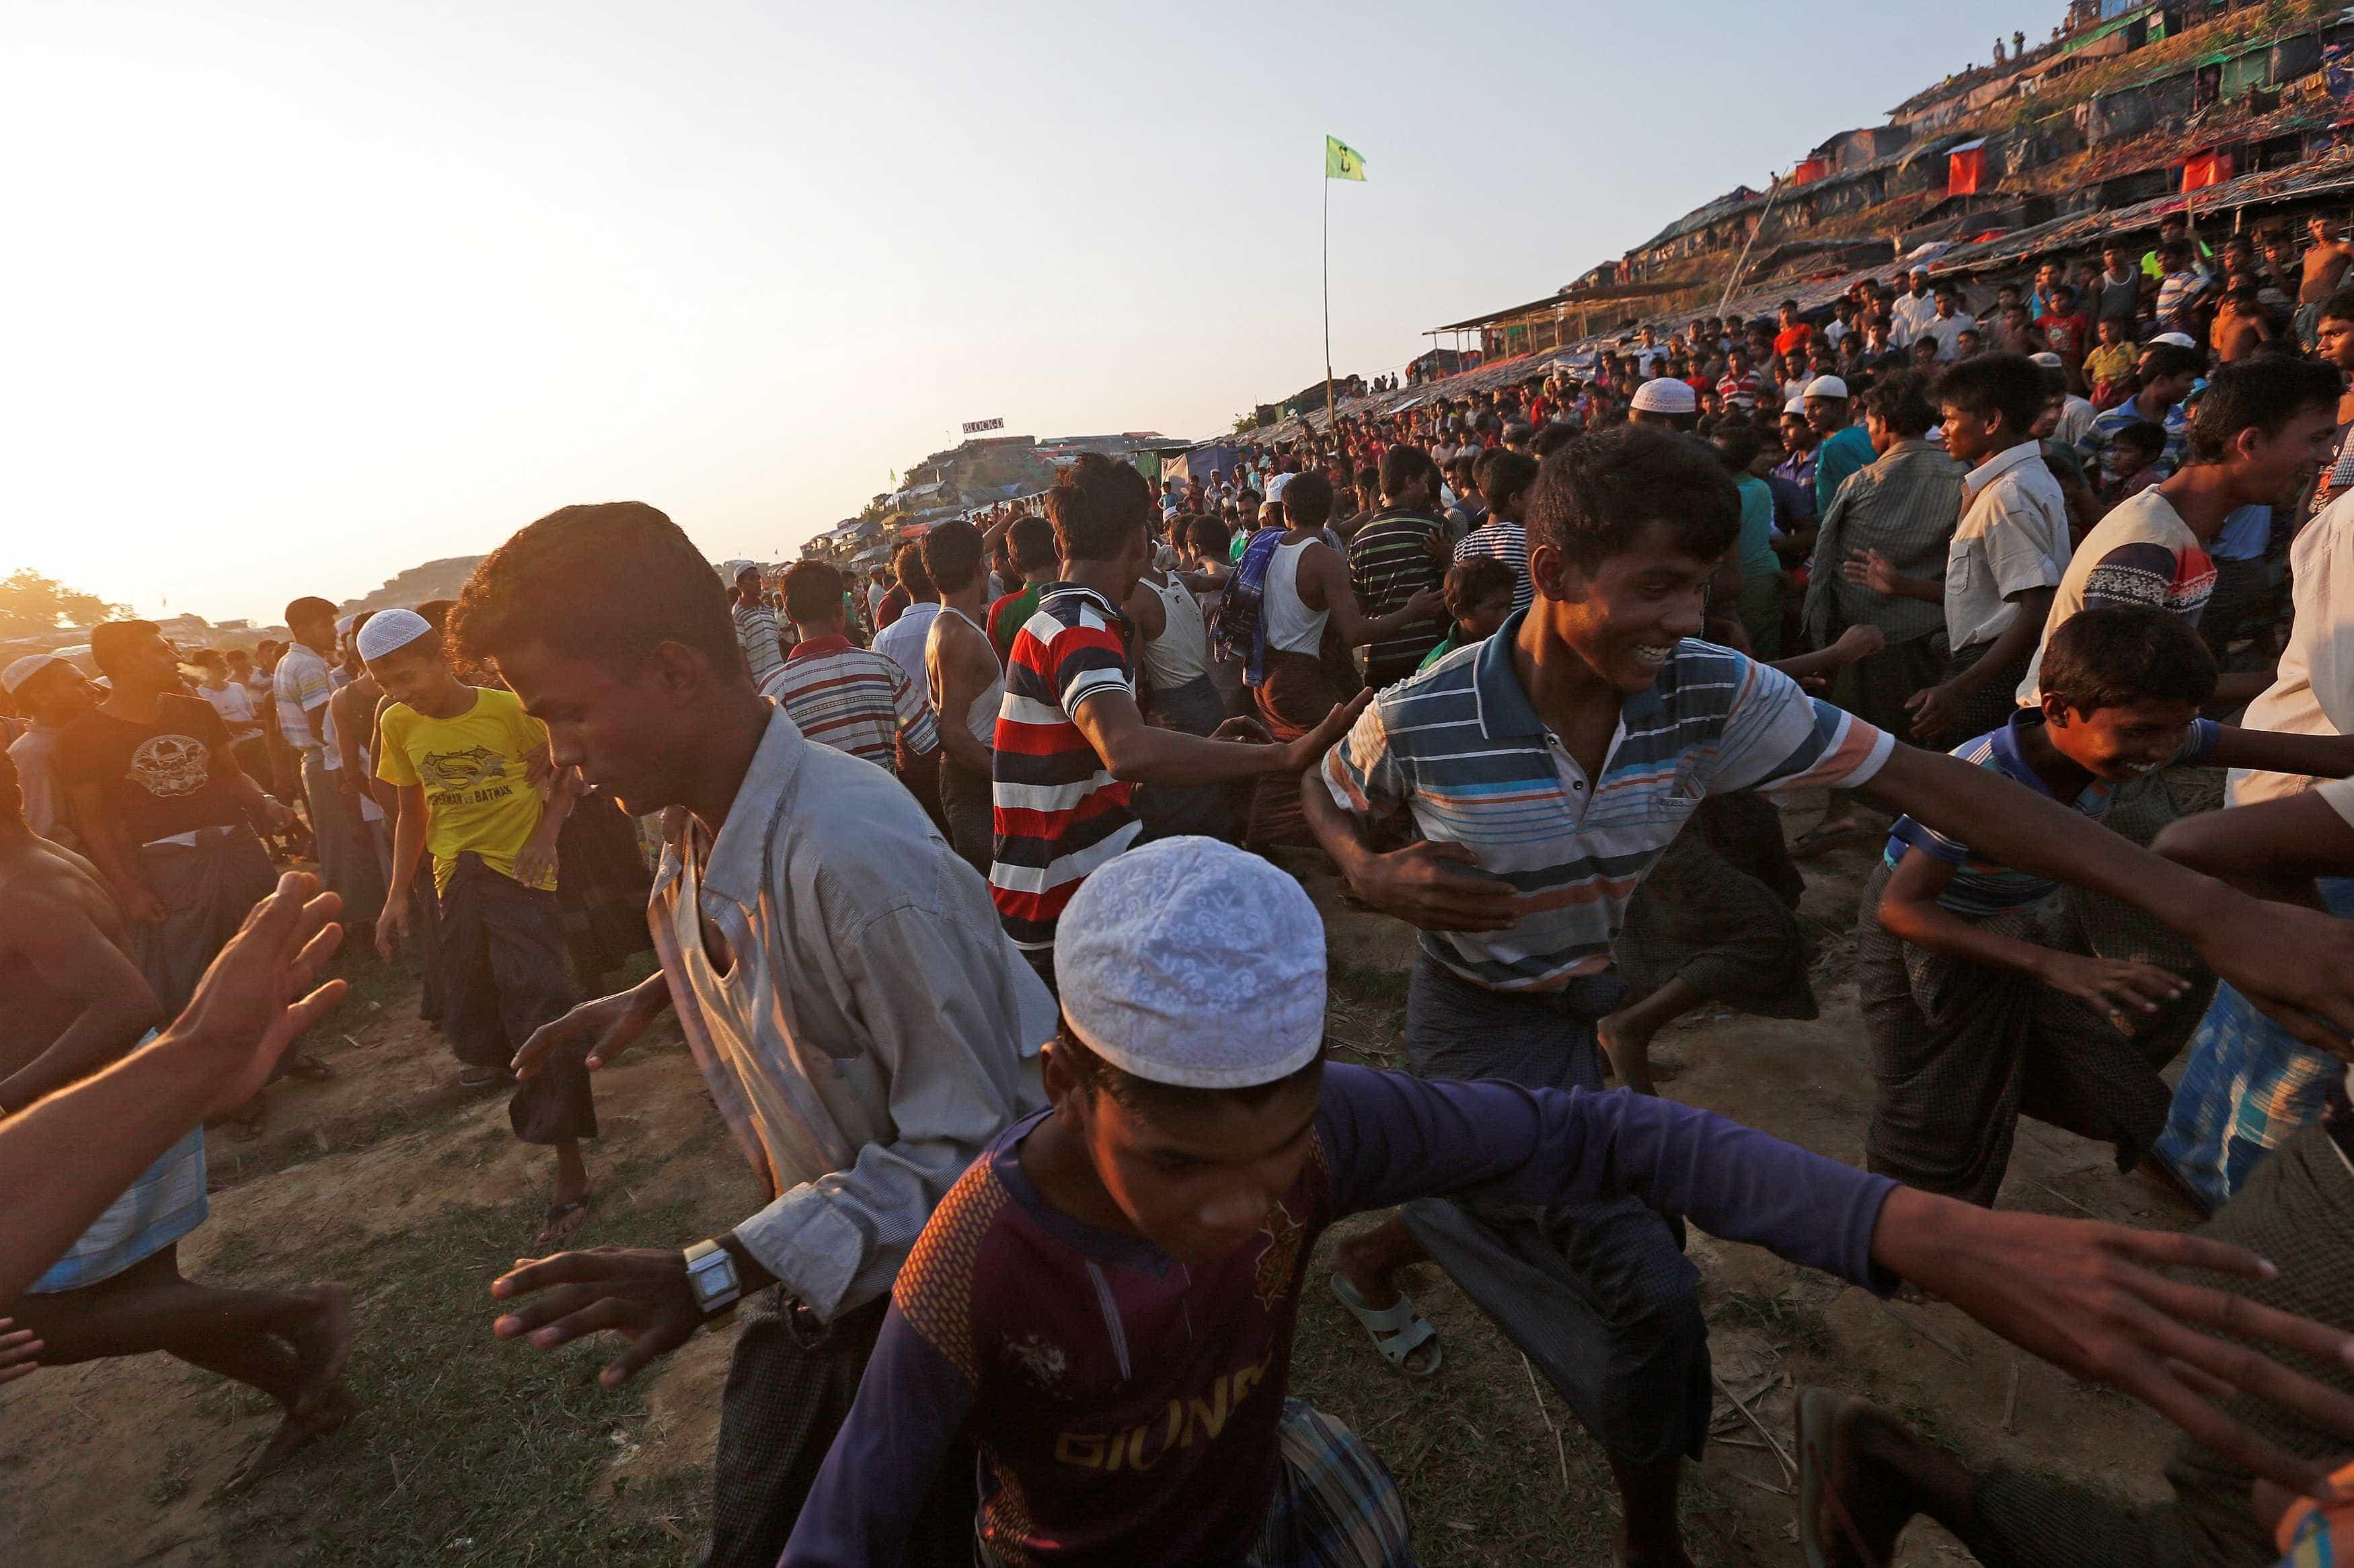 Temido o fim do estado de emergência e abandono das ONG aos rohingya